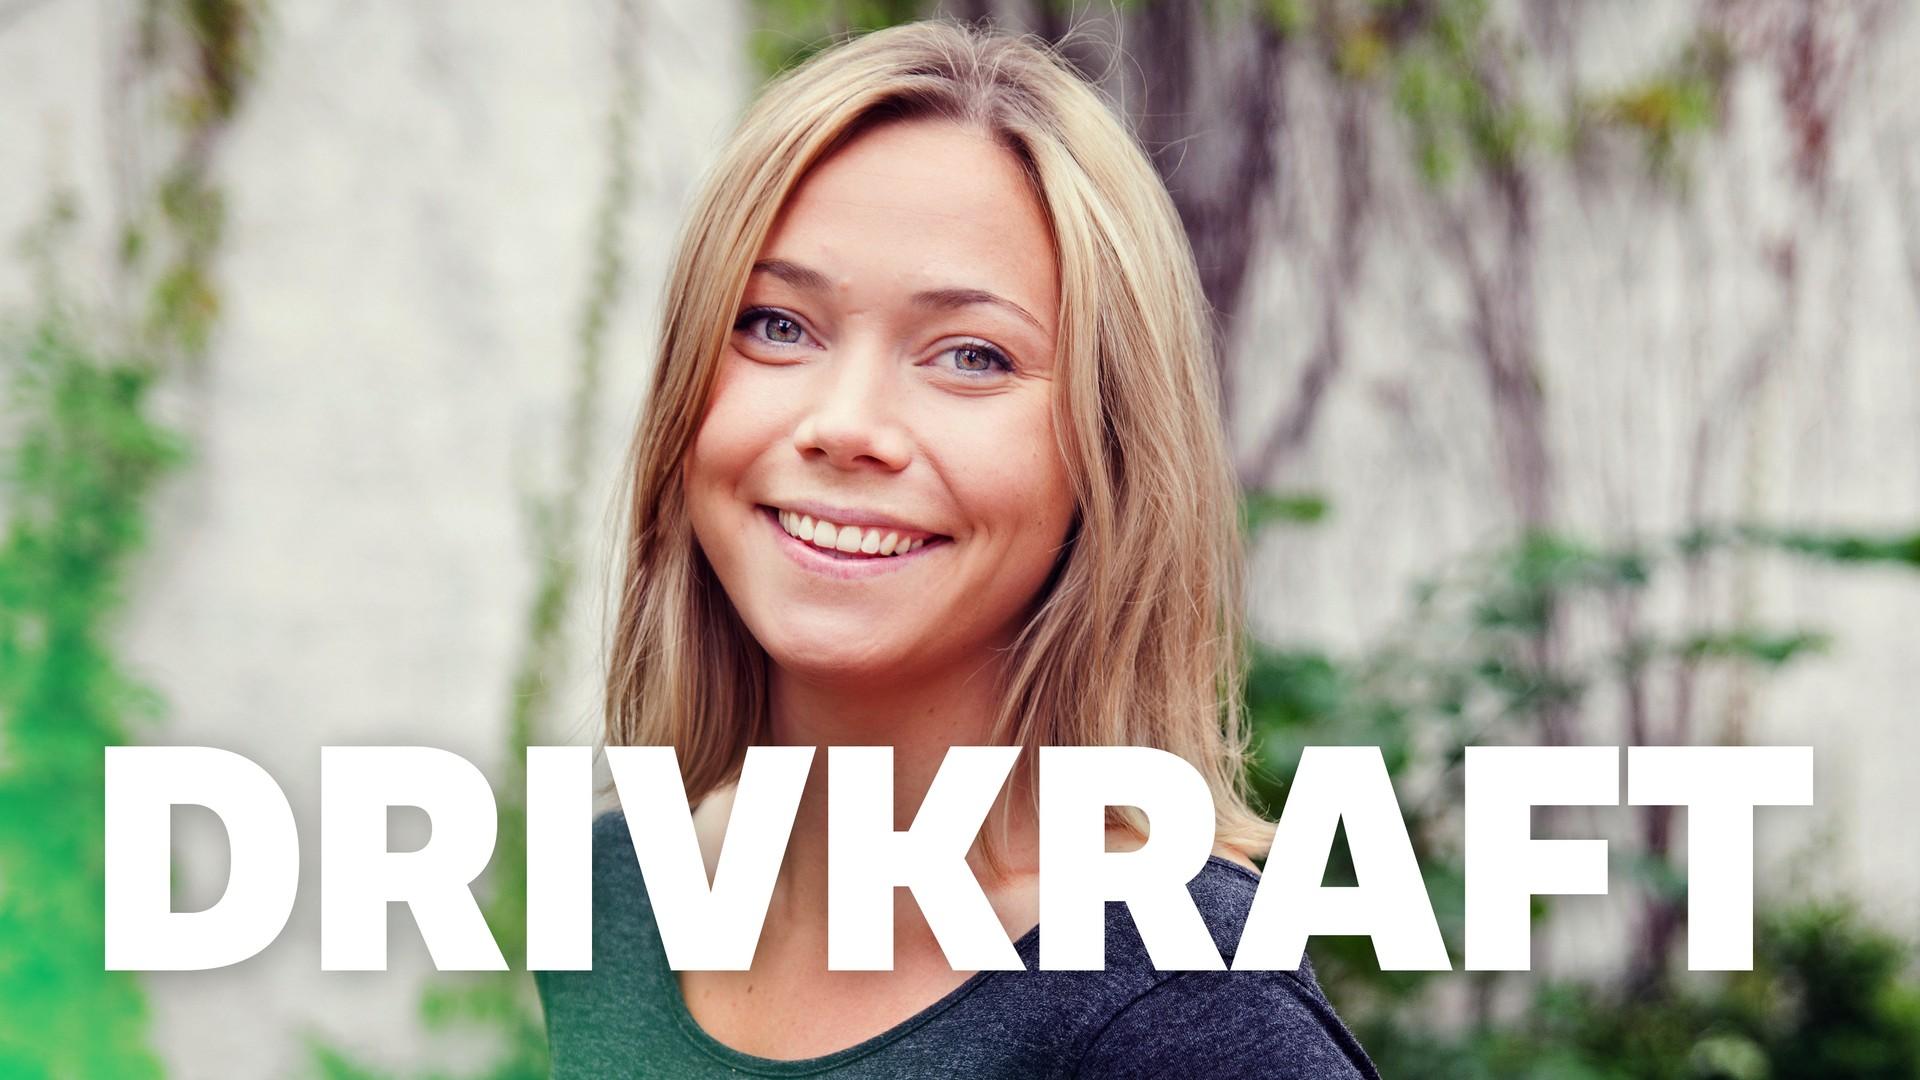 norske damer som søker uforpliktende dating i eksjö